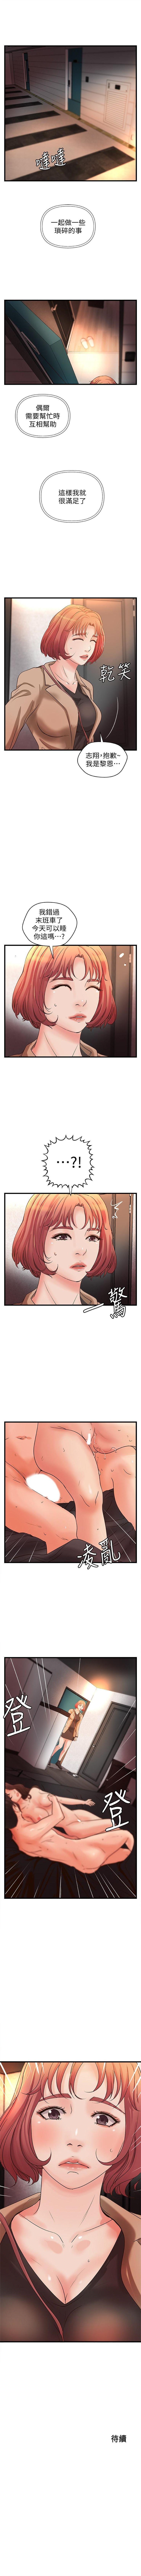 御姐的實戰教學 1-27 官方中文(連載中) 175